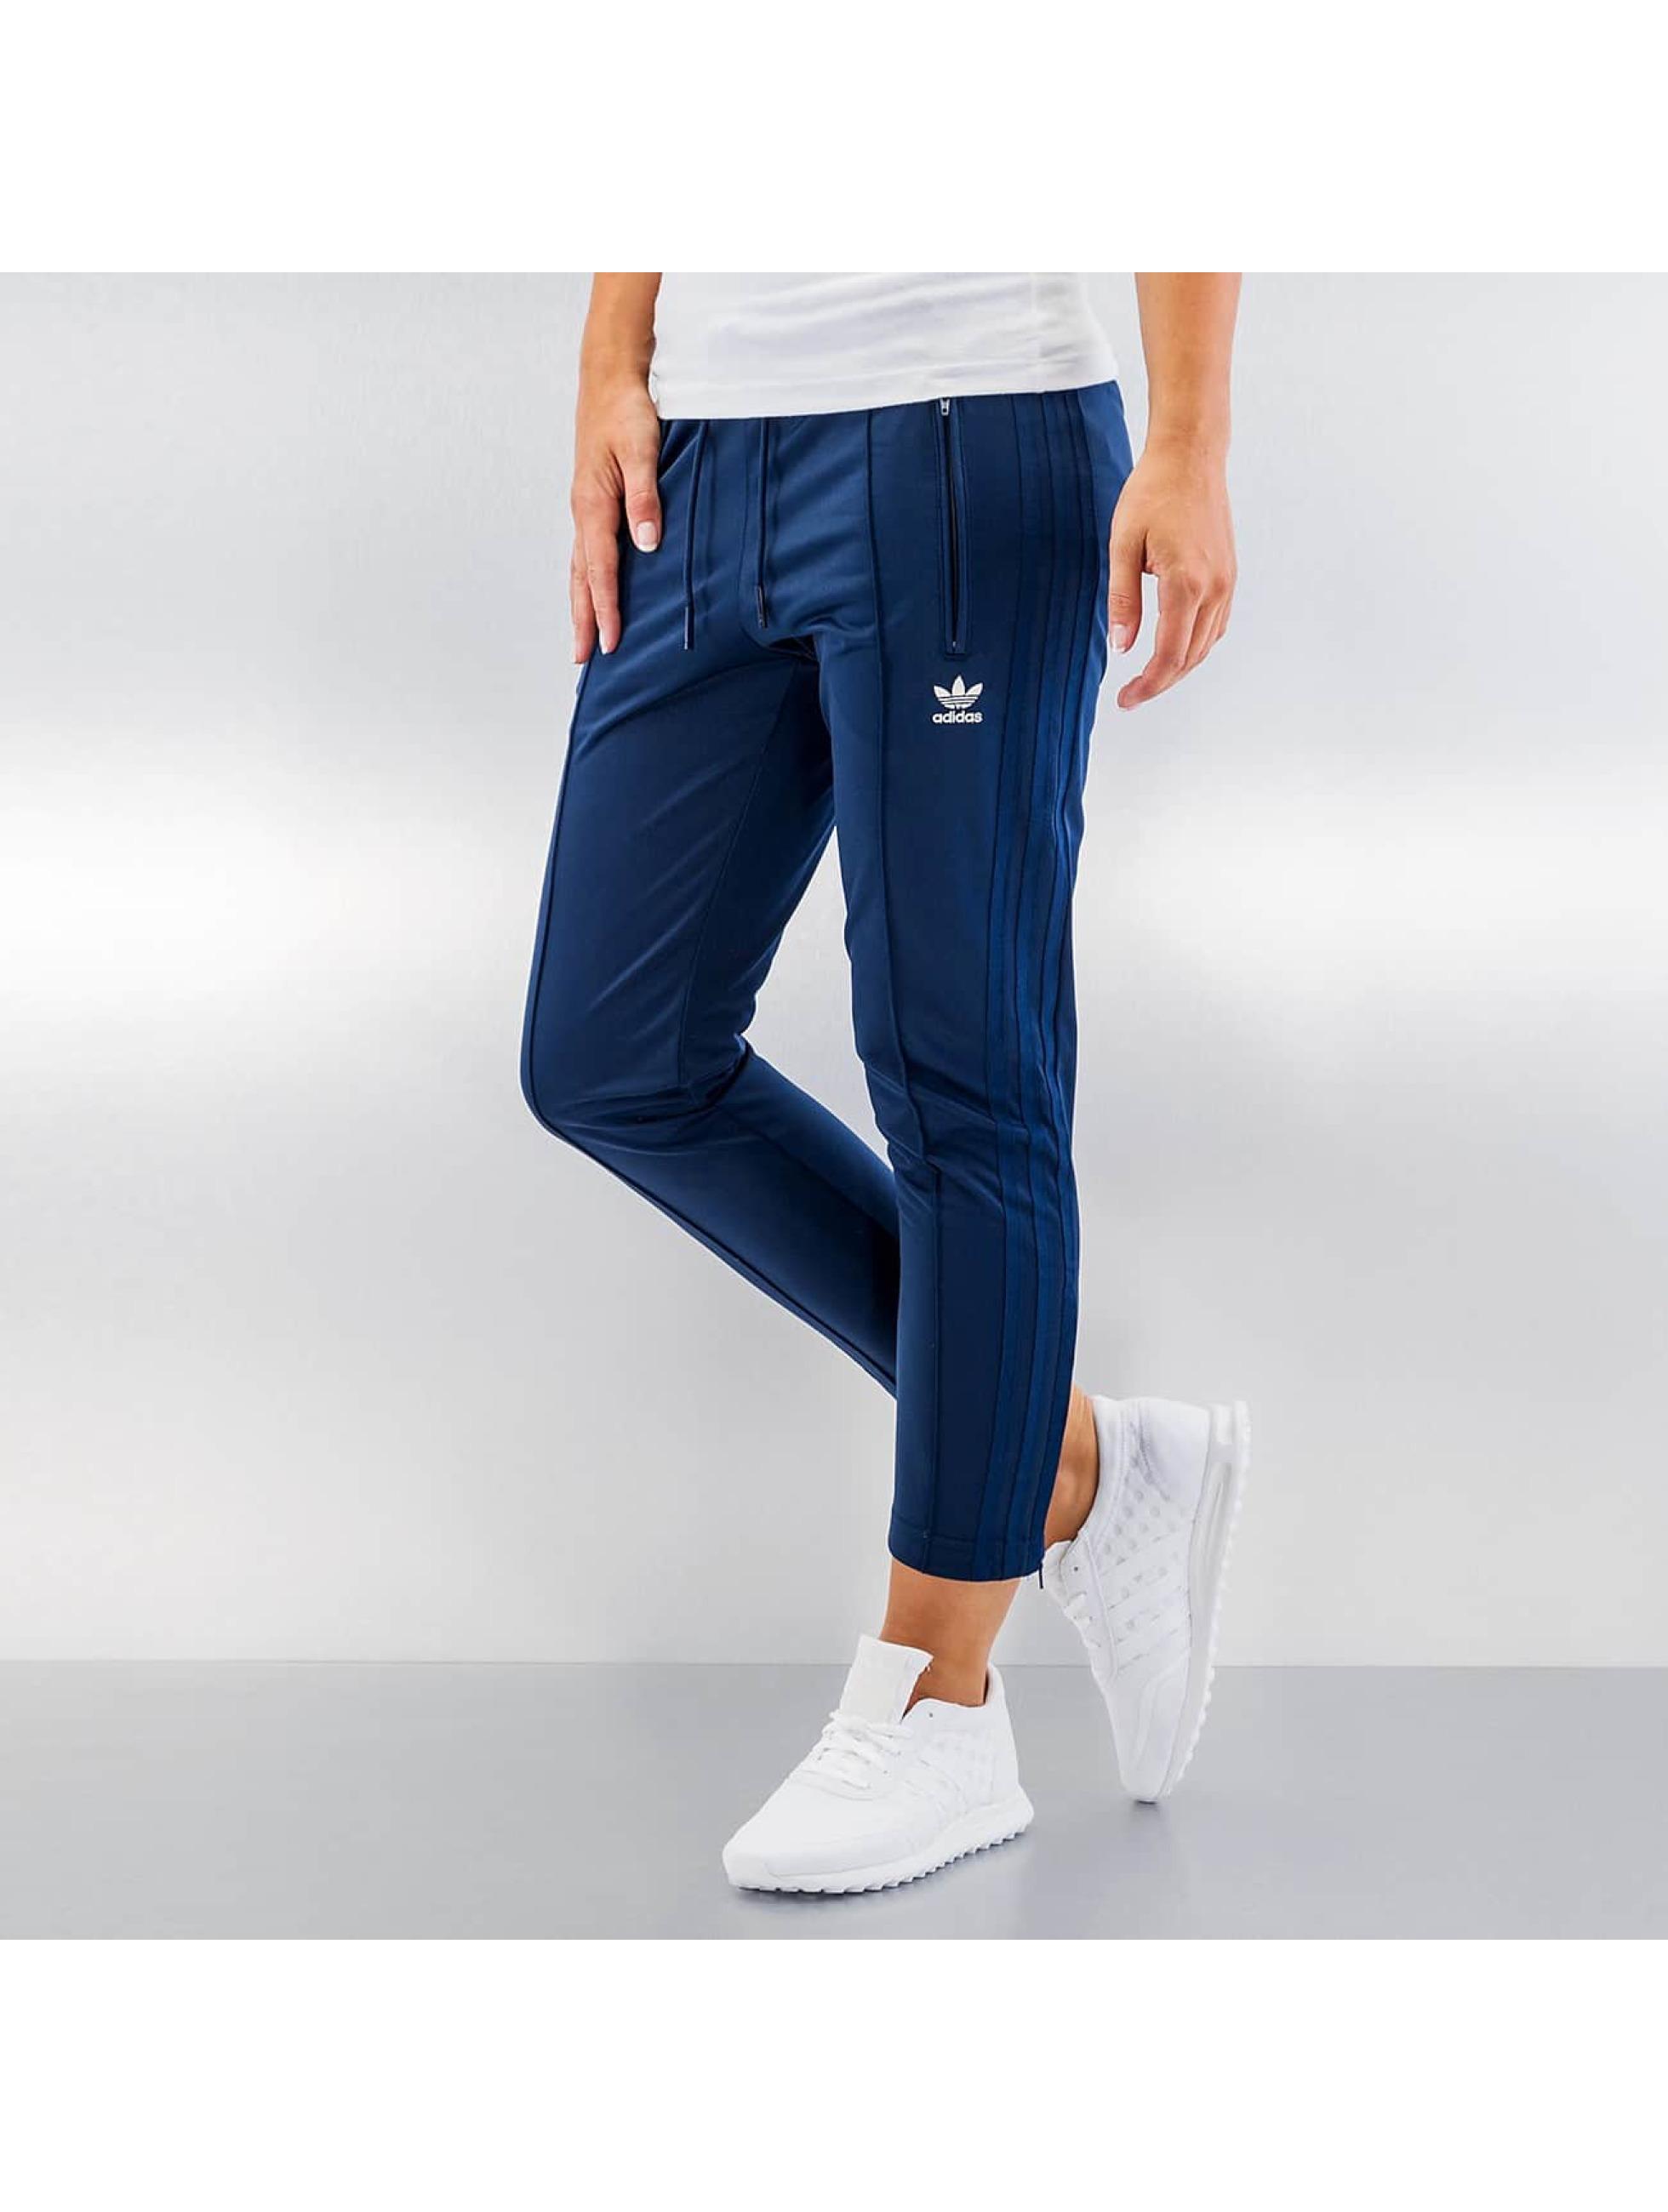 survette adidas pantalon